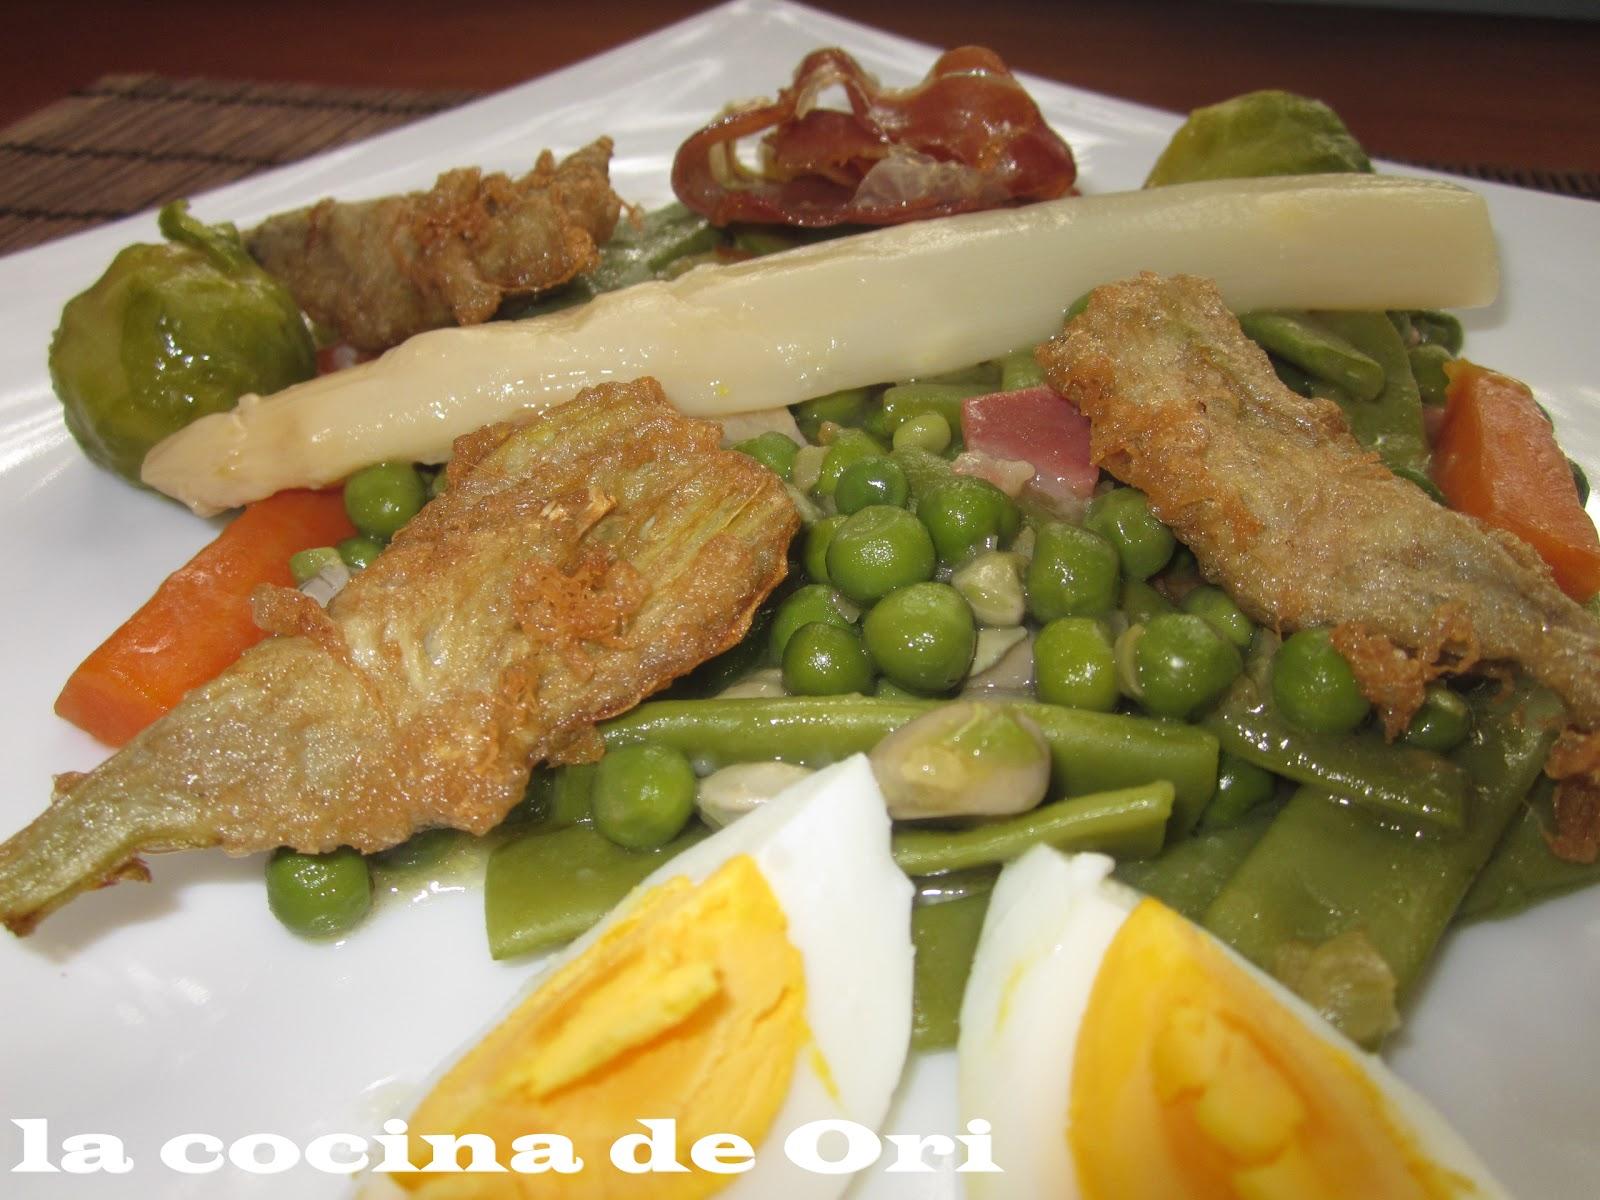 La cocina de ori menestra de verdura a la navarra - Menestra de verduras en texturas ...